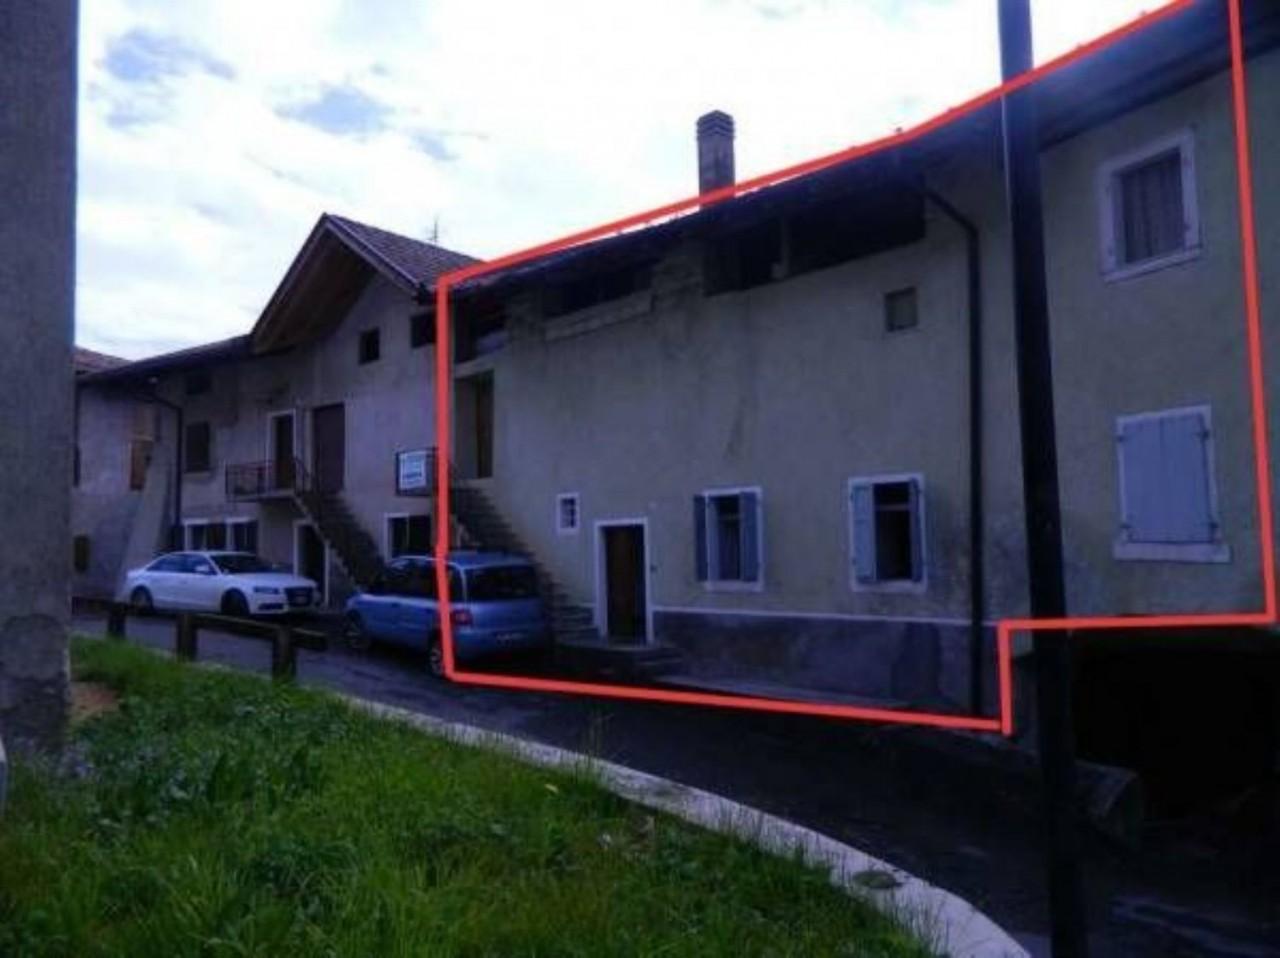 Casa singola in vendita a Bleggio Superiore